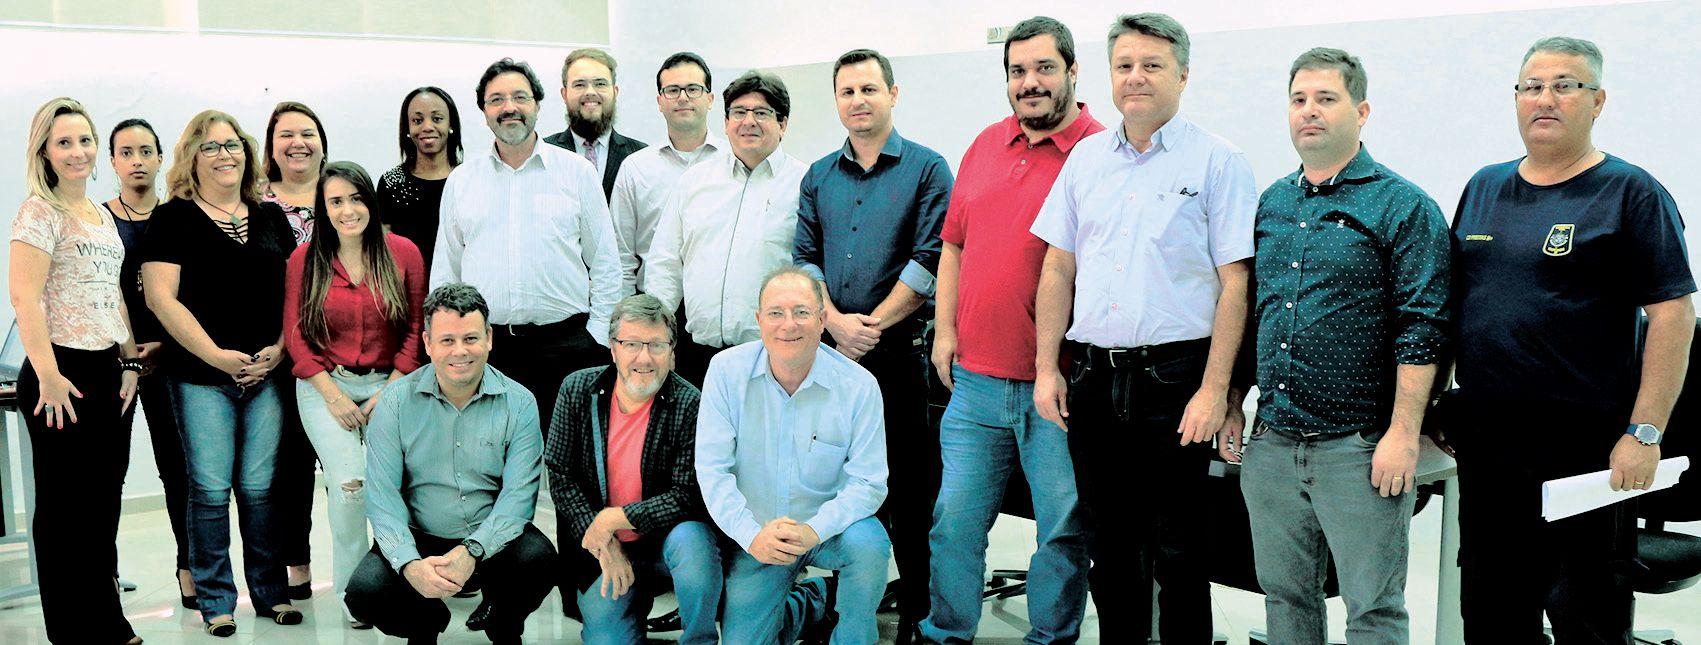 Presidente Agnaldo Tempesta (ao centro), ladeado pelo palestrante Luiz Arnoudi (à esquerda), o Vereador e Presidente da Câmara Bruno Barnabé (à direita) e equipe de conselheiros do CAPIVARIPREV.